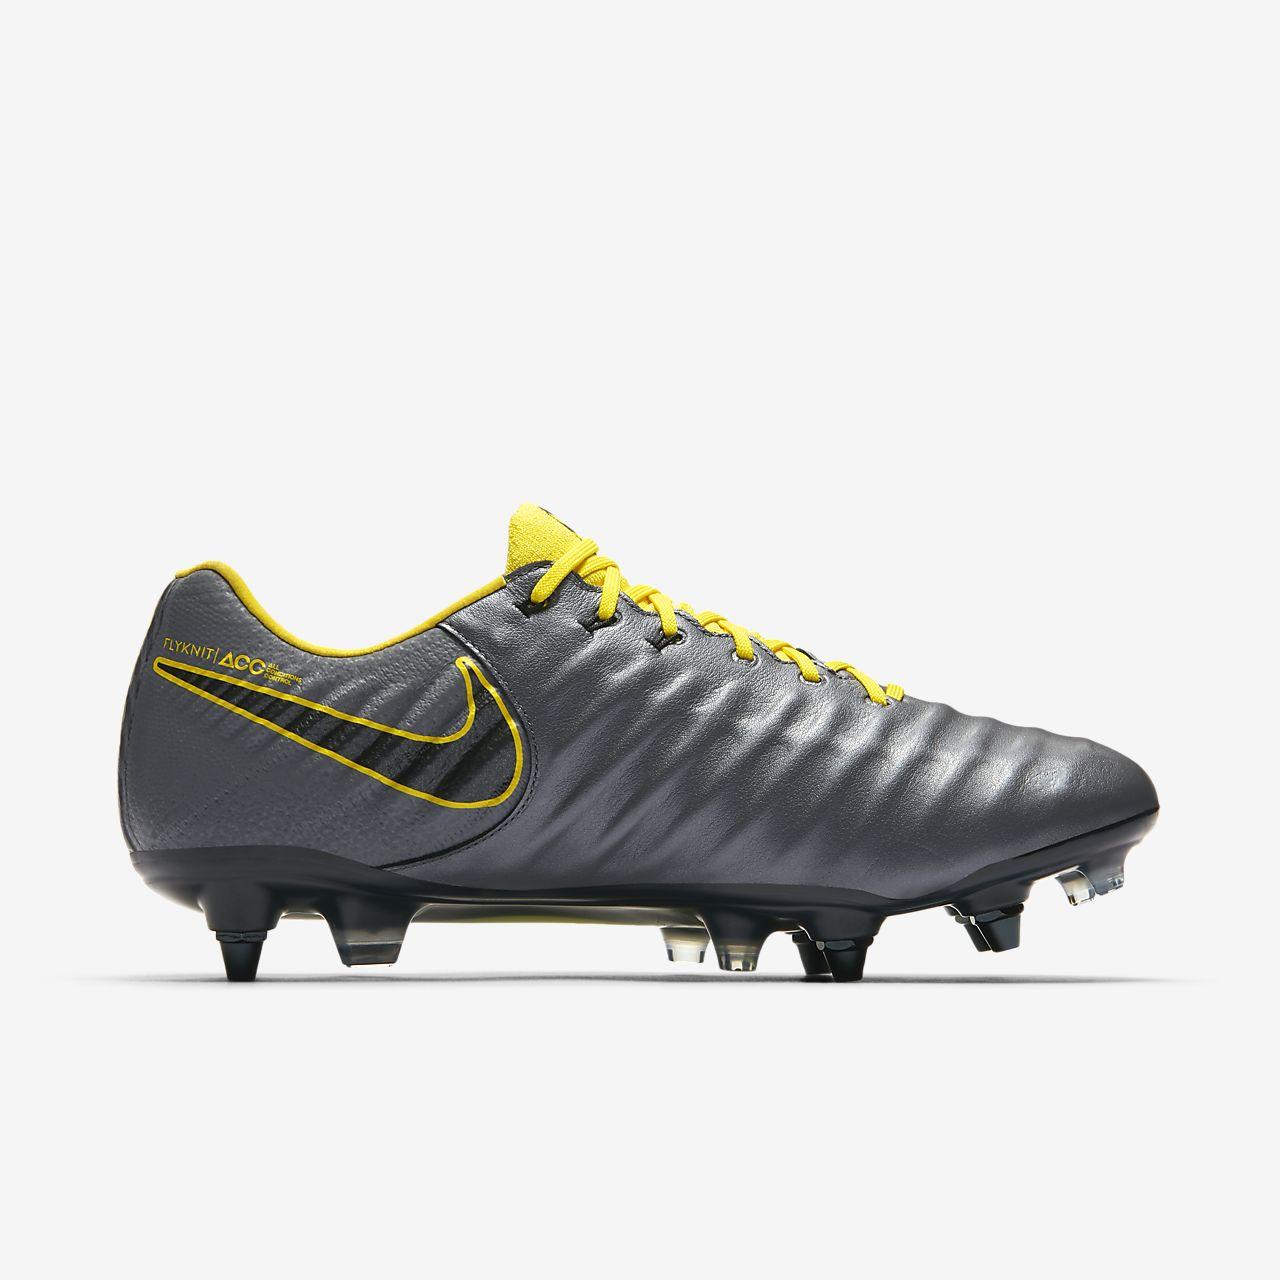 huge discount 904aa cabf7 ... Nike Tiempo Legend VII Elite SG-Pro Anti-Clog – fodboldstøvle til blødt  underlag